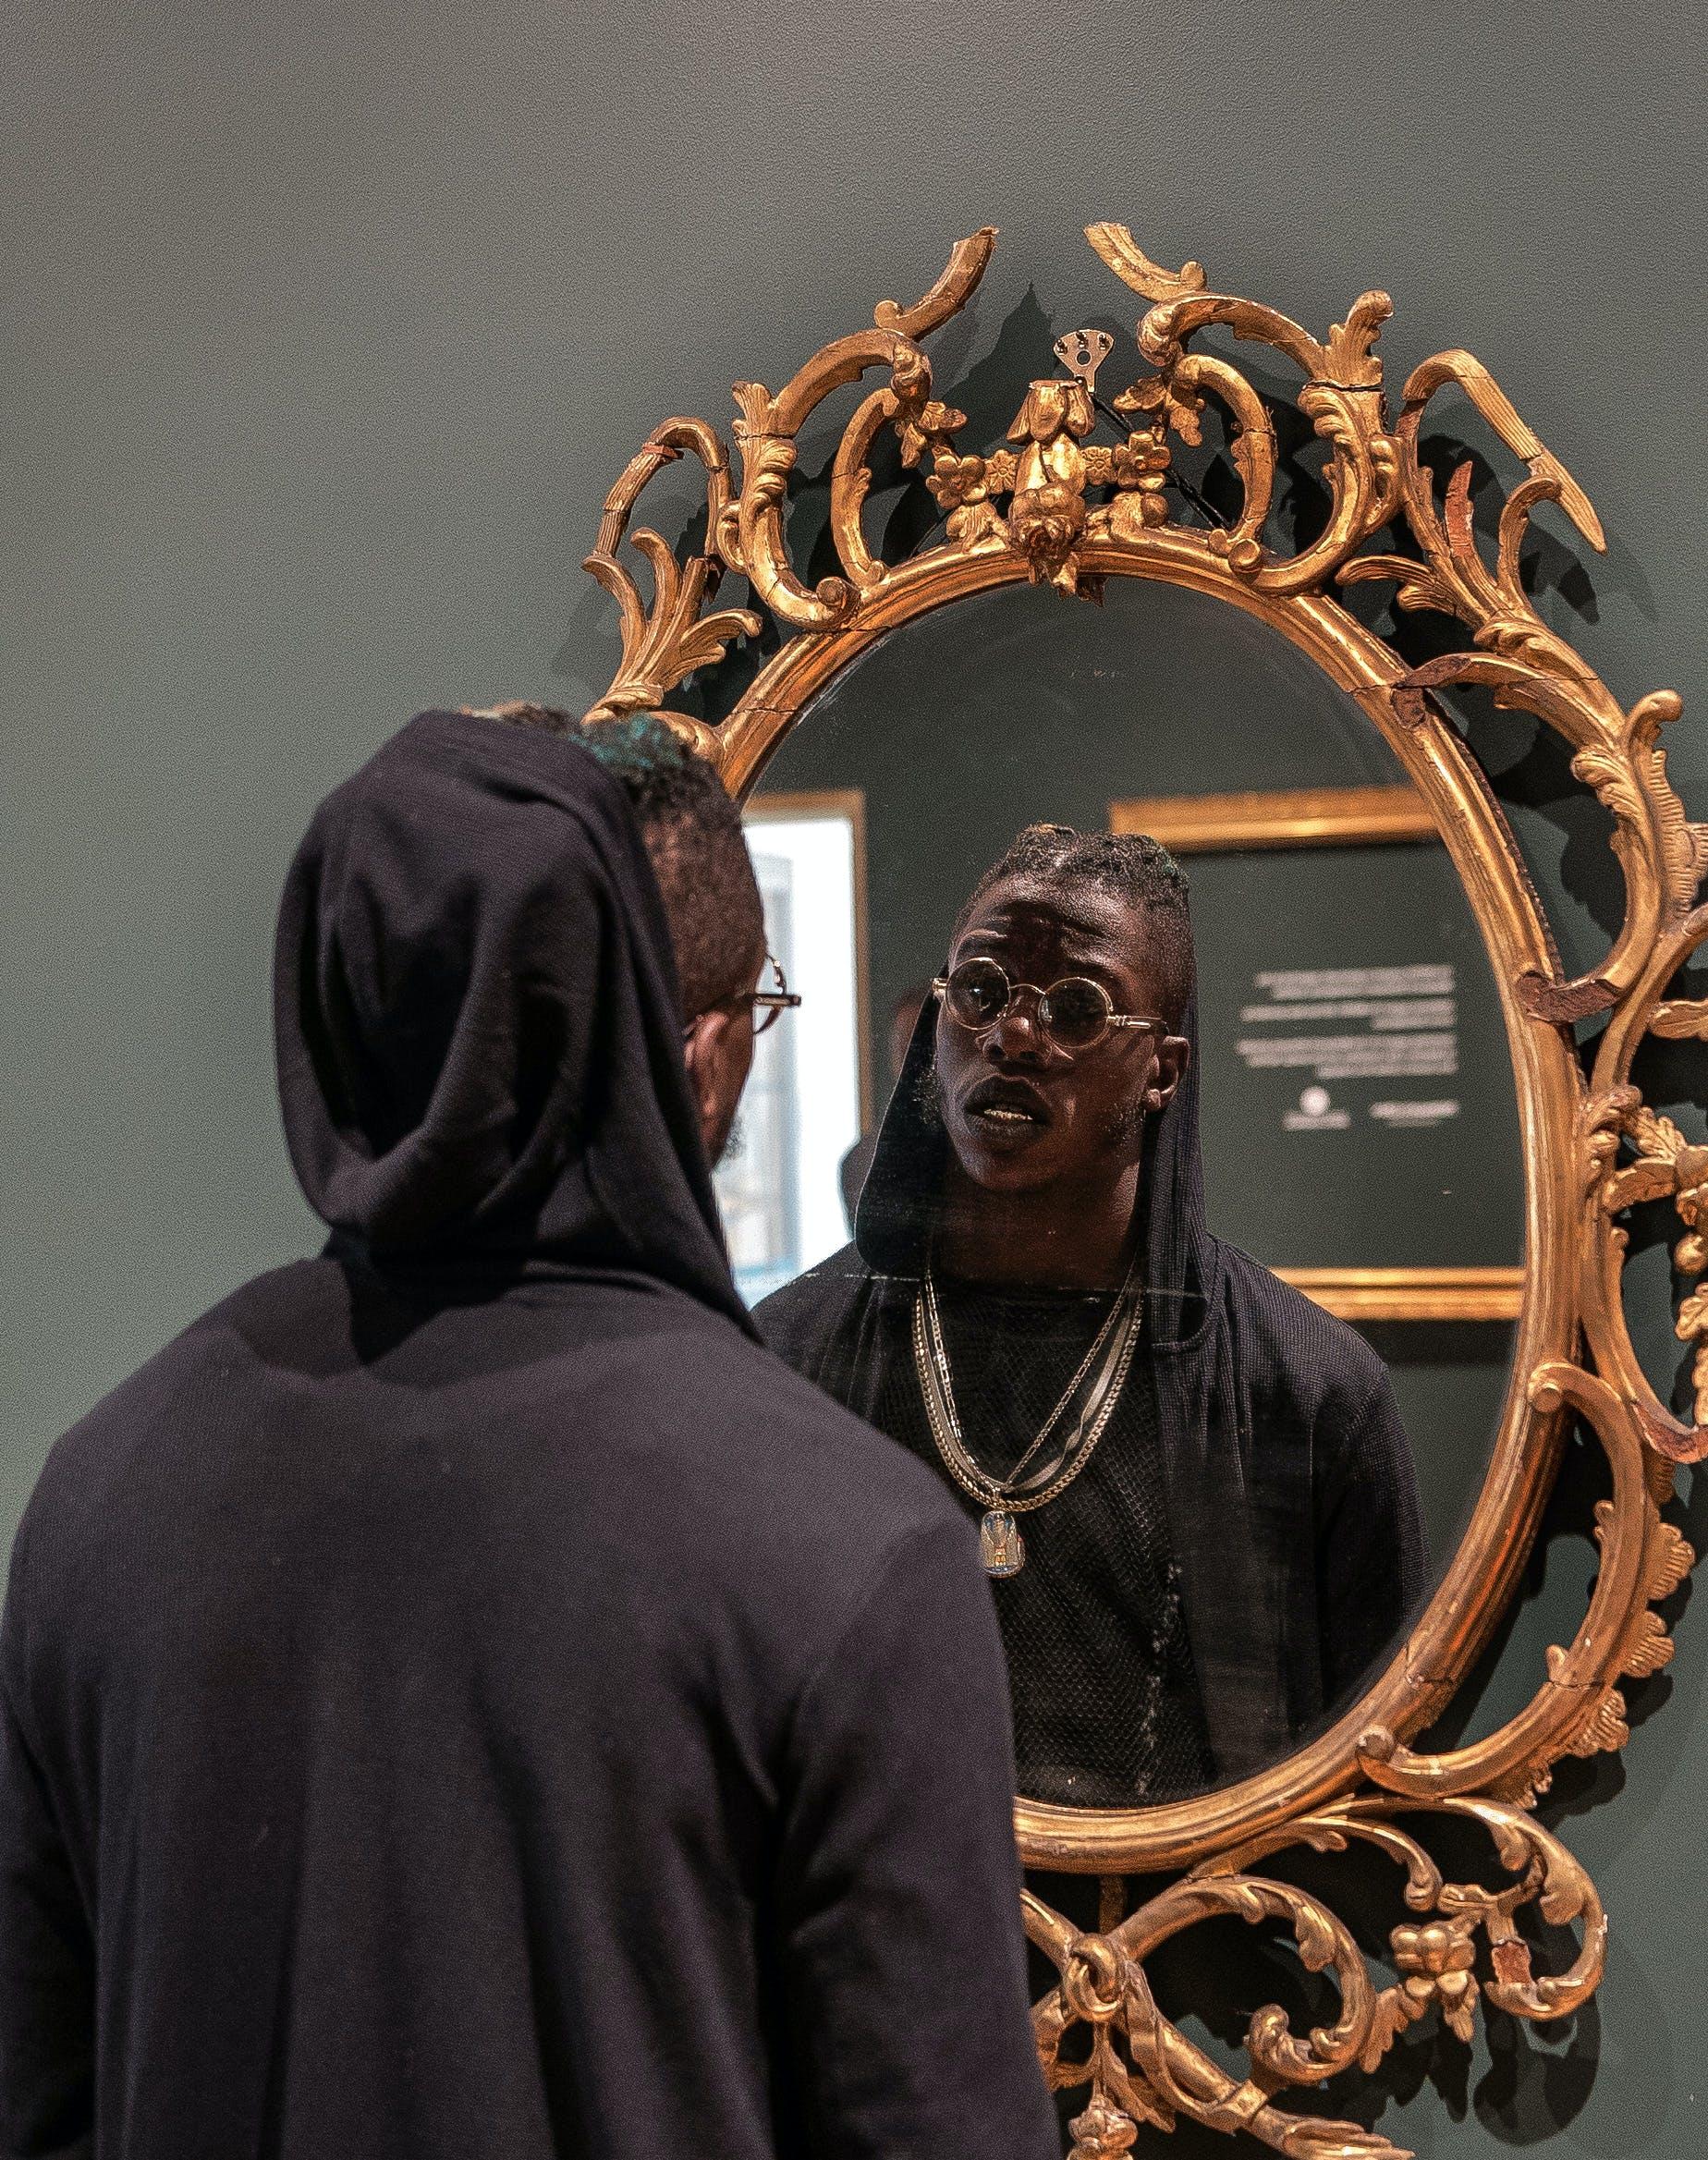 Gratis lagerfoto af ansigtsudtryk, briller, fotosession, halskæde